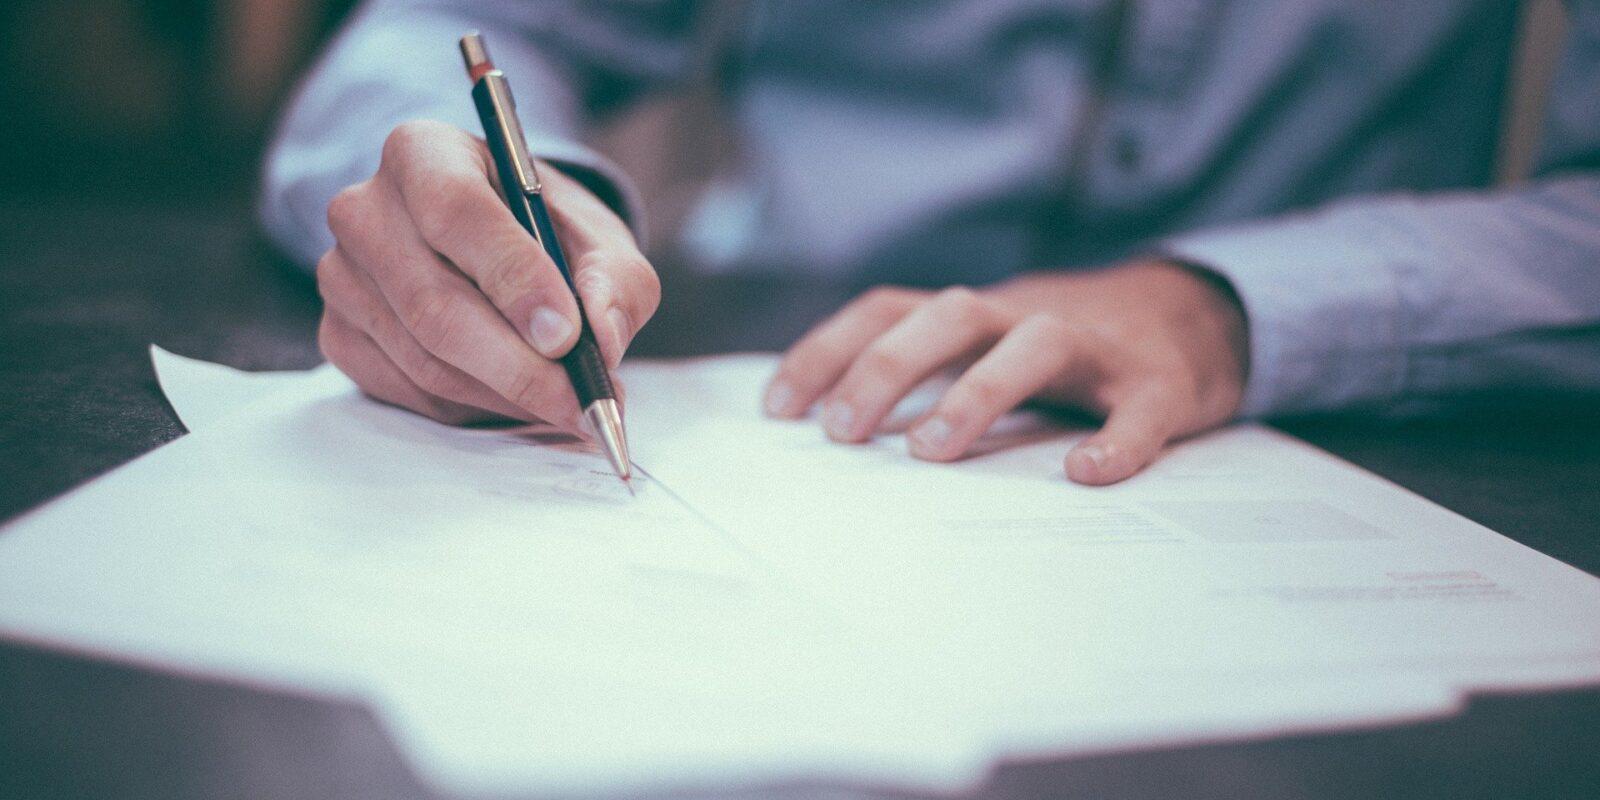 podpisywanie-dokumentow-szkolenia-biznesowe